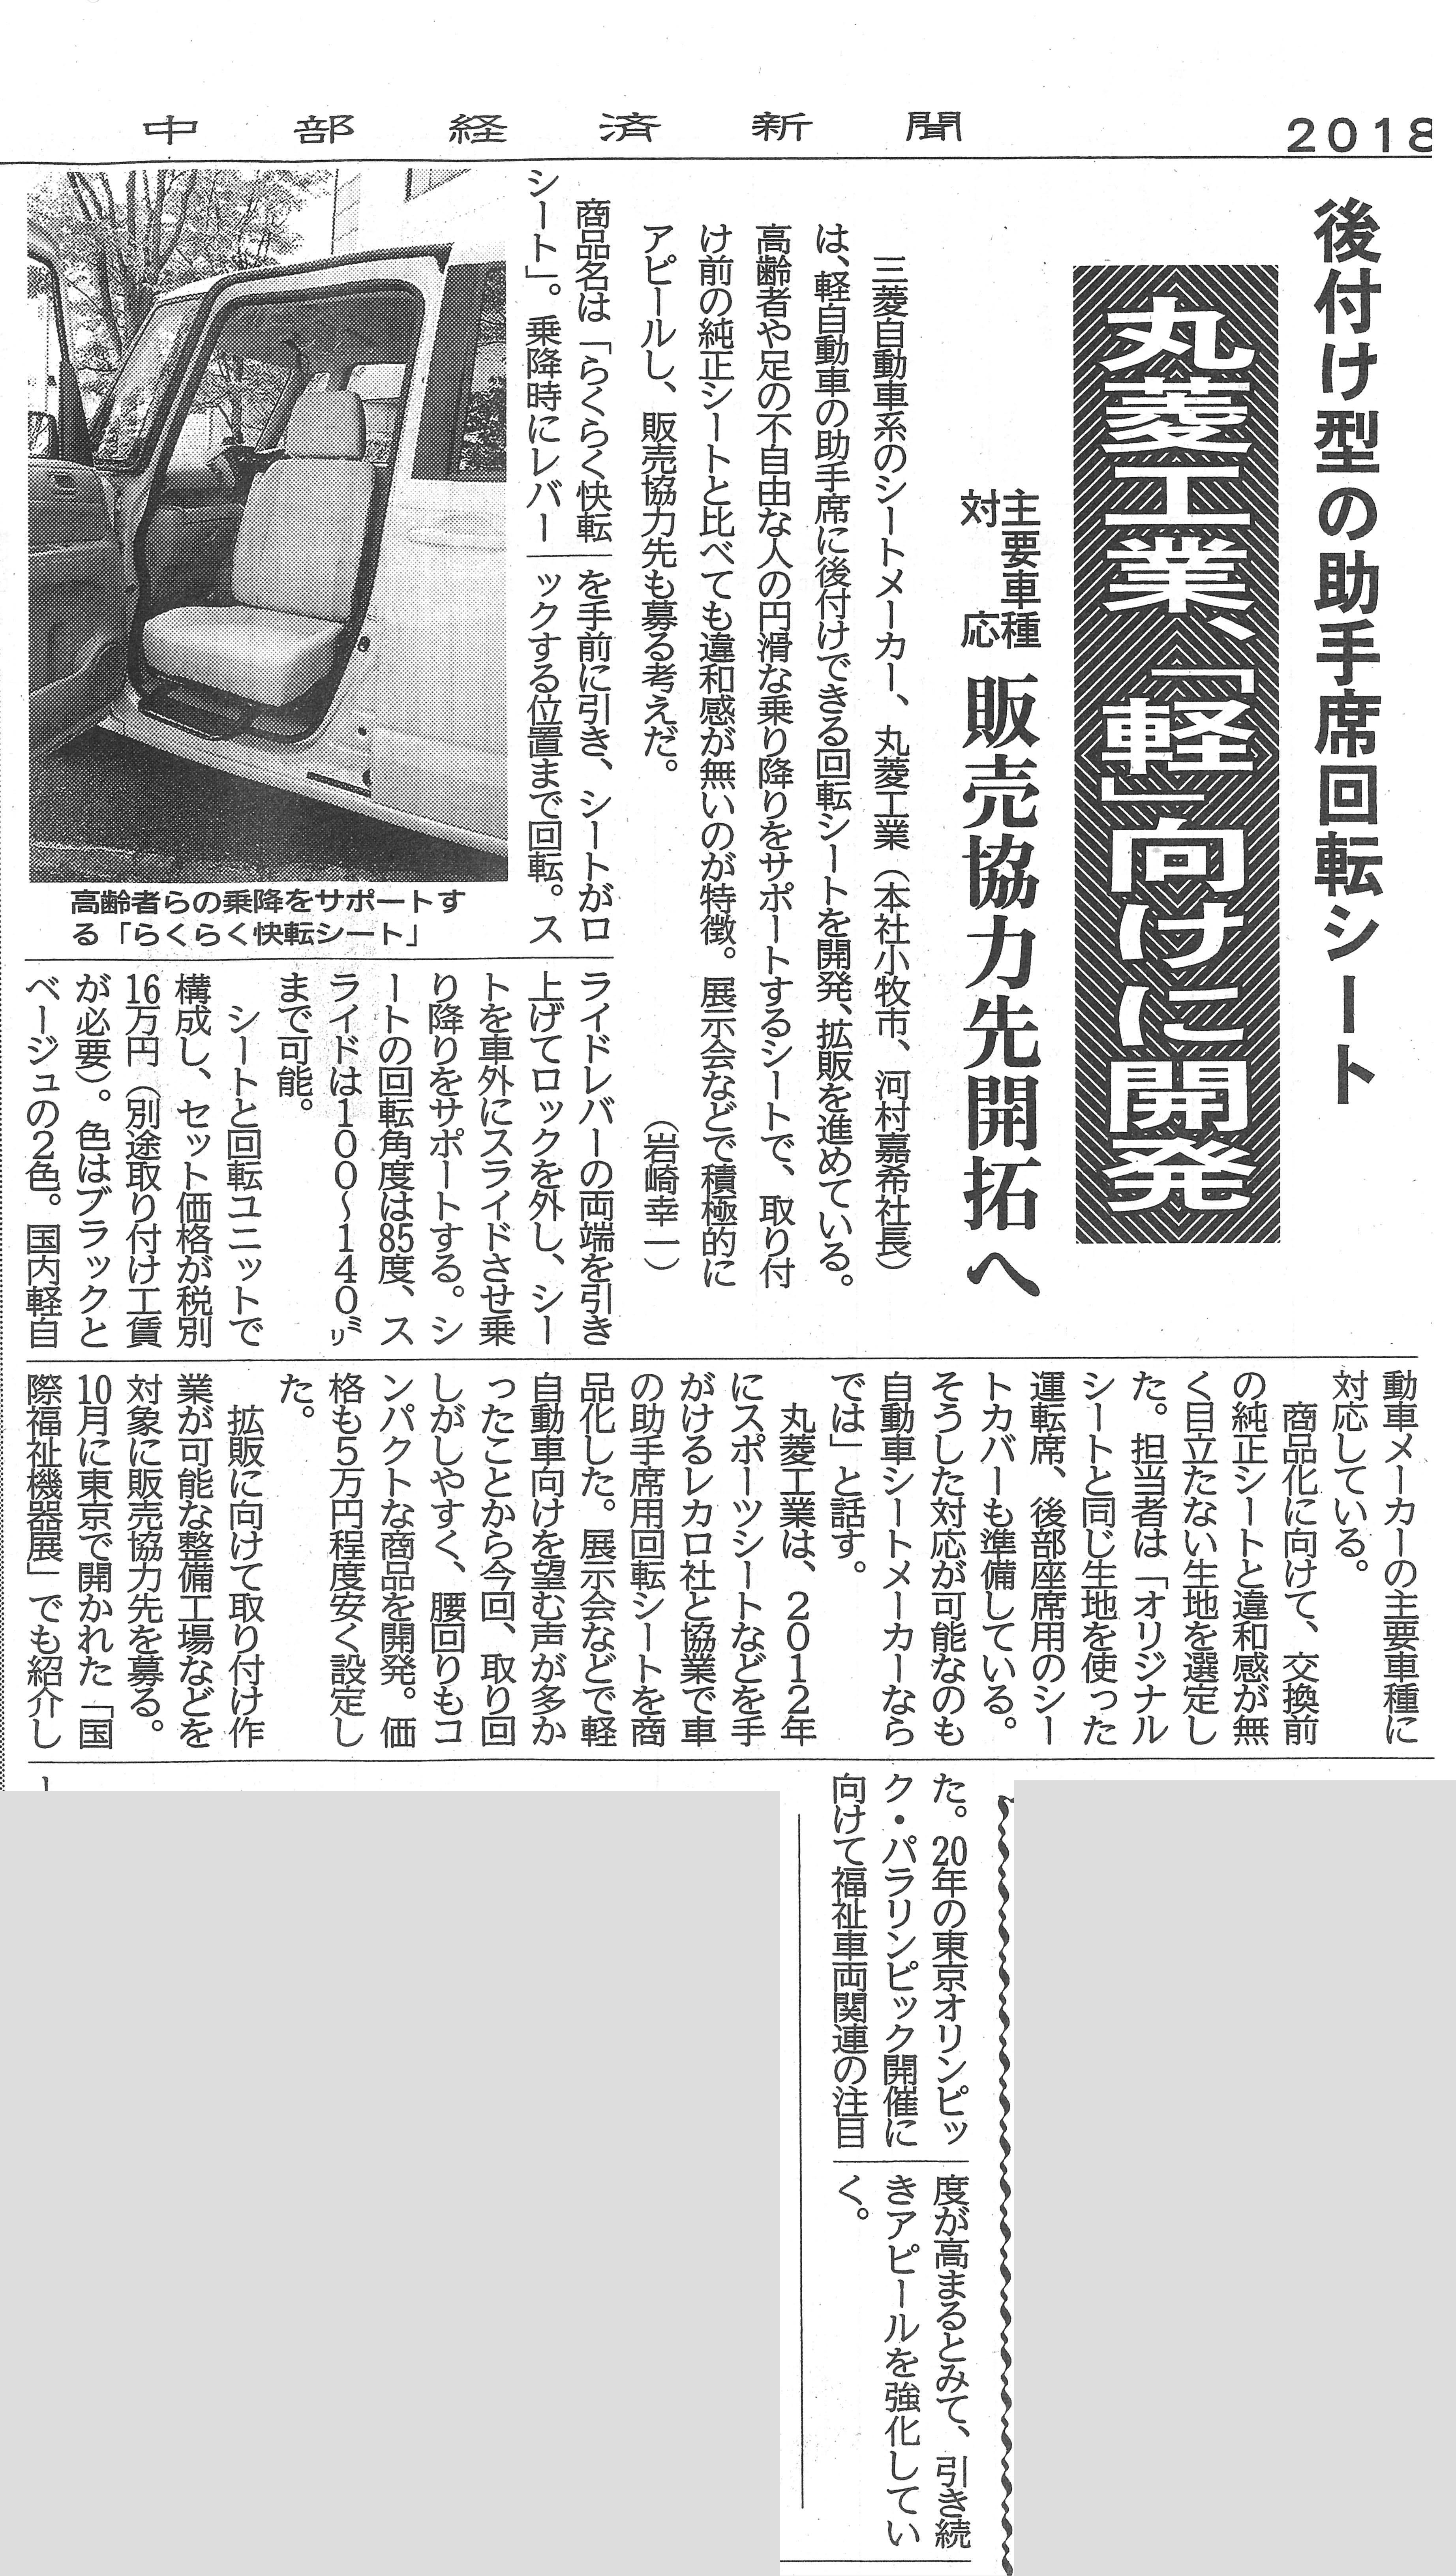 「中部経済新聞(2018年11月5日)」に「らくらく快転シート」が紹介されました。